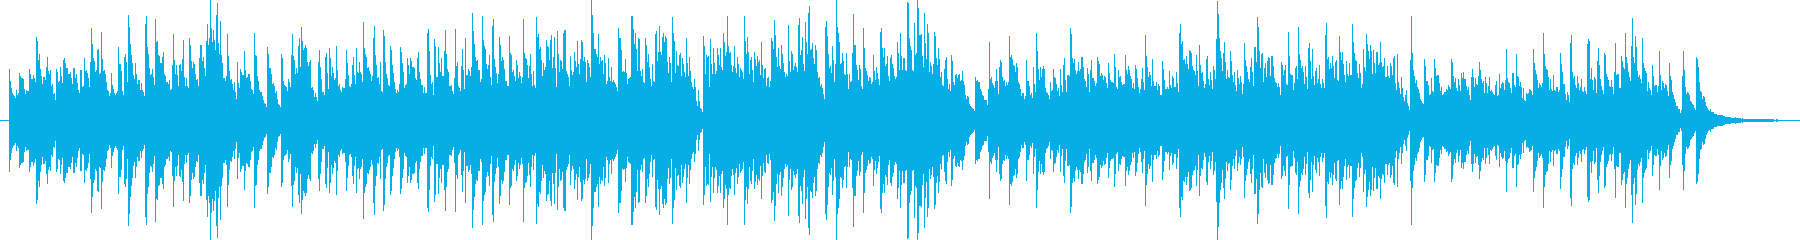 朝をイメージした明るいピアノ曲の再生済みの波形